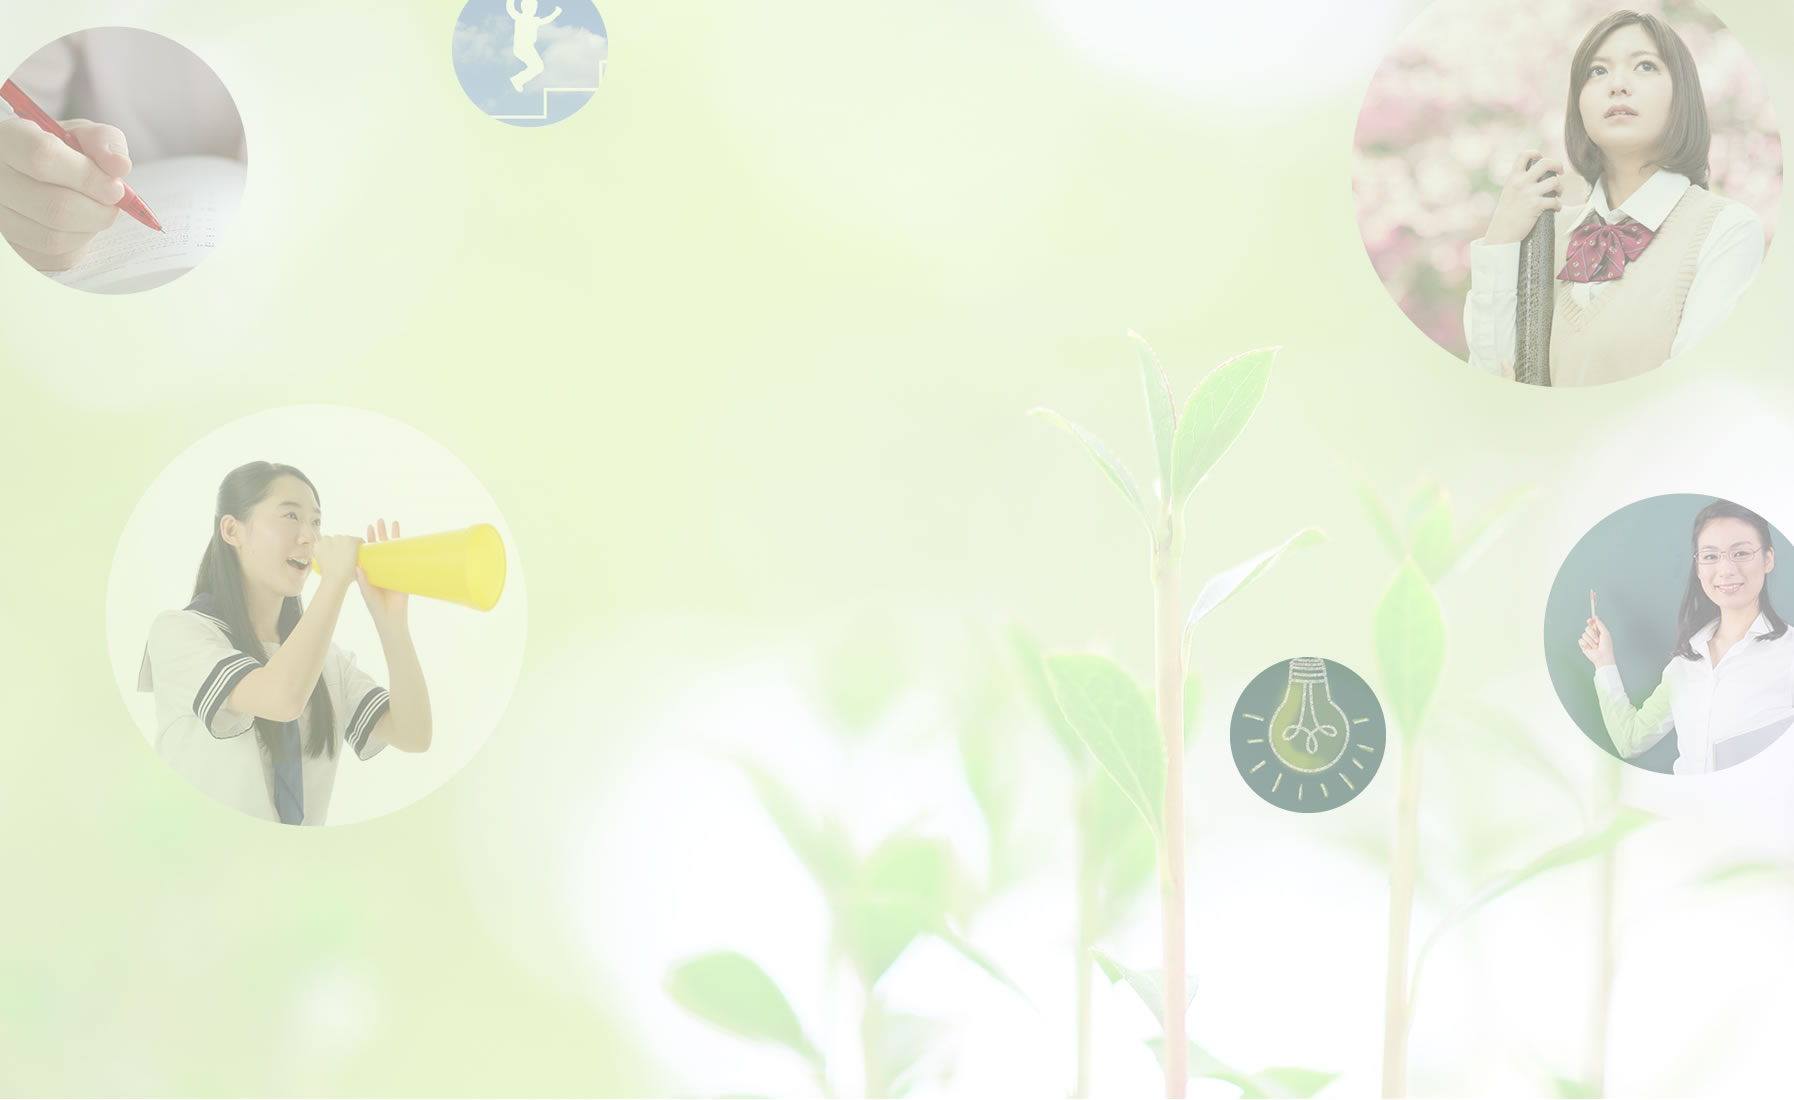 久留米 学習塾,オンライン家庭教師 大学受験,オンライン学習塾 高校生,オンライン学習塾 大学受験,久留米 大学受験,久留米市 学習塾,久留米,学習塾,オンライン学習塾,オンライン家庭教師,大学受験,高校生,高校受験,久留米.久留米市,